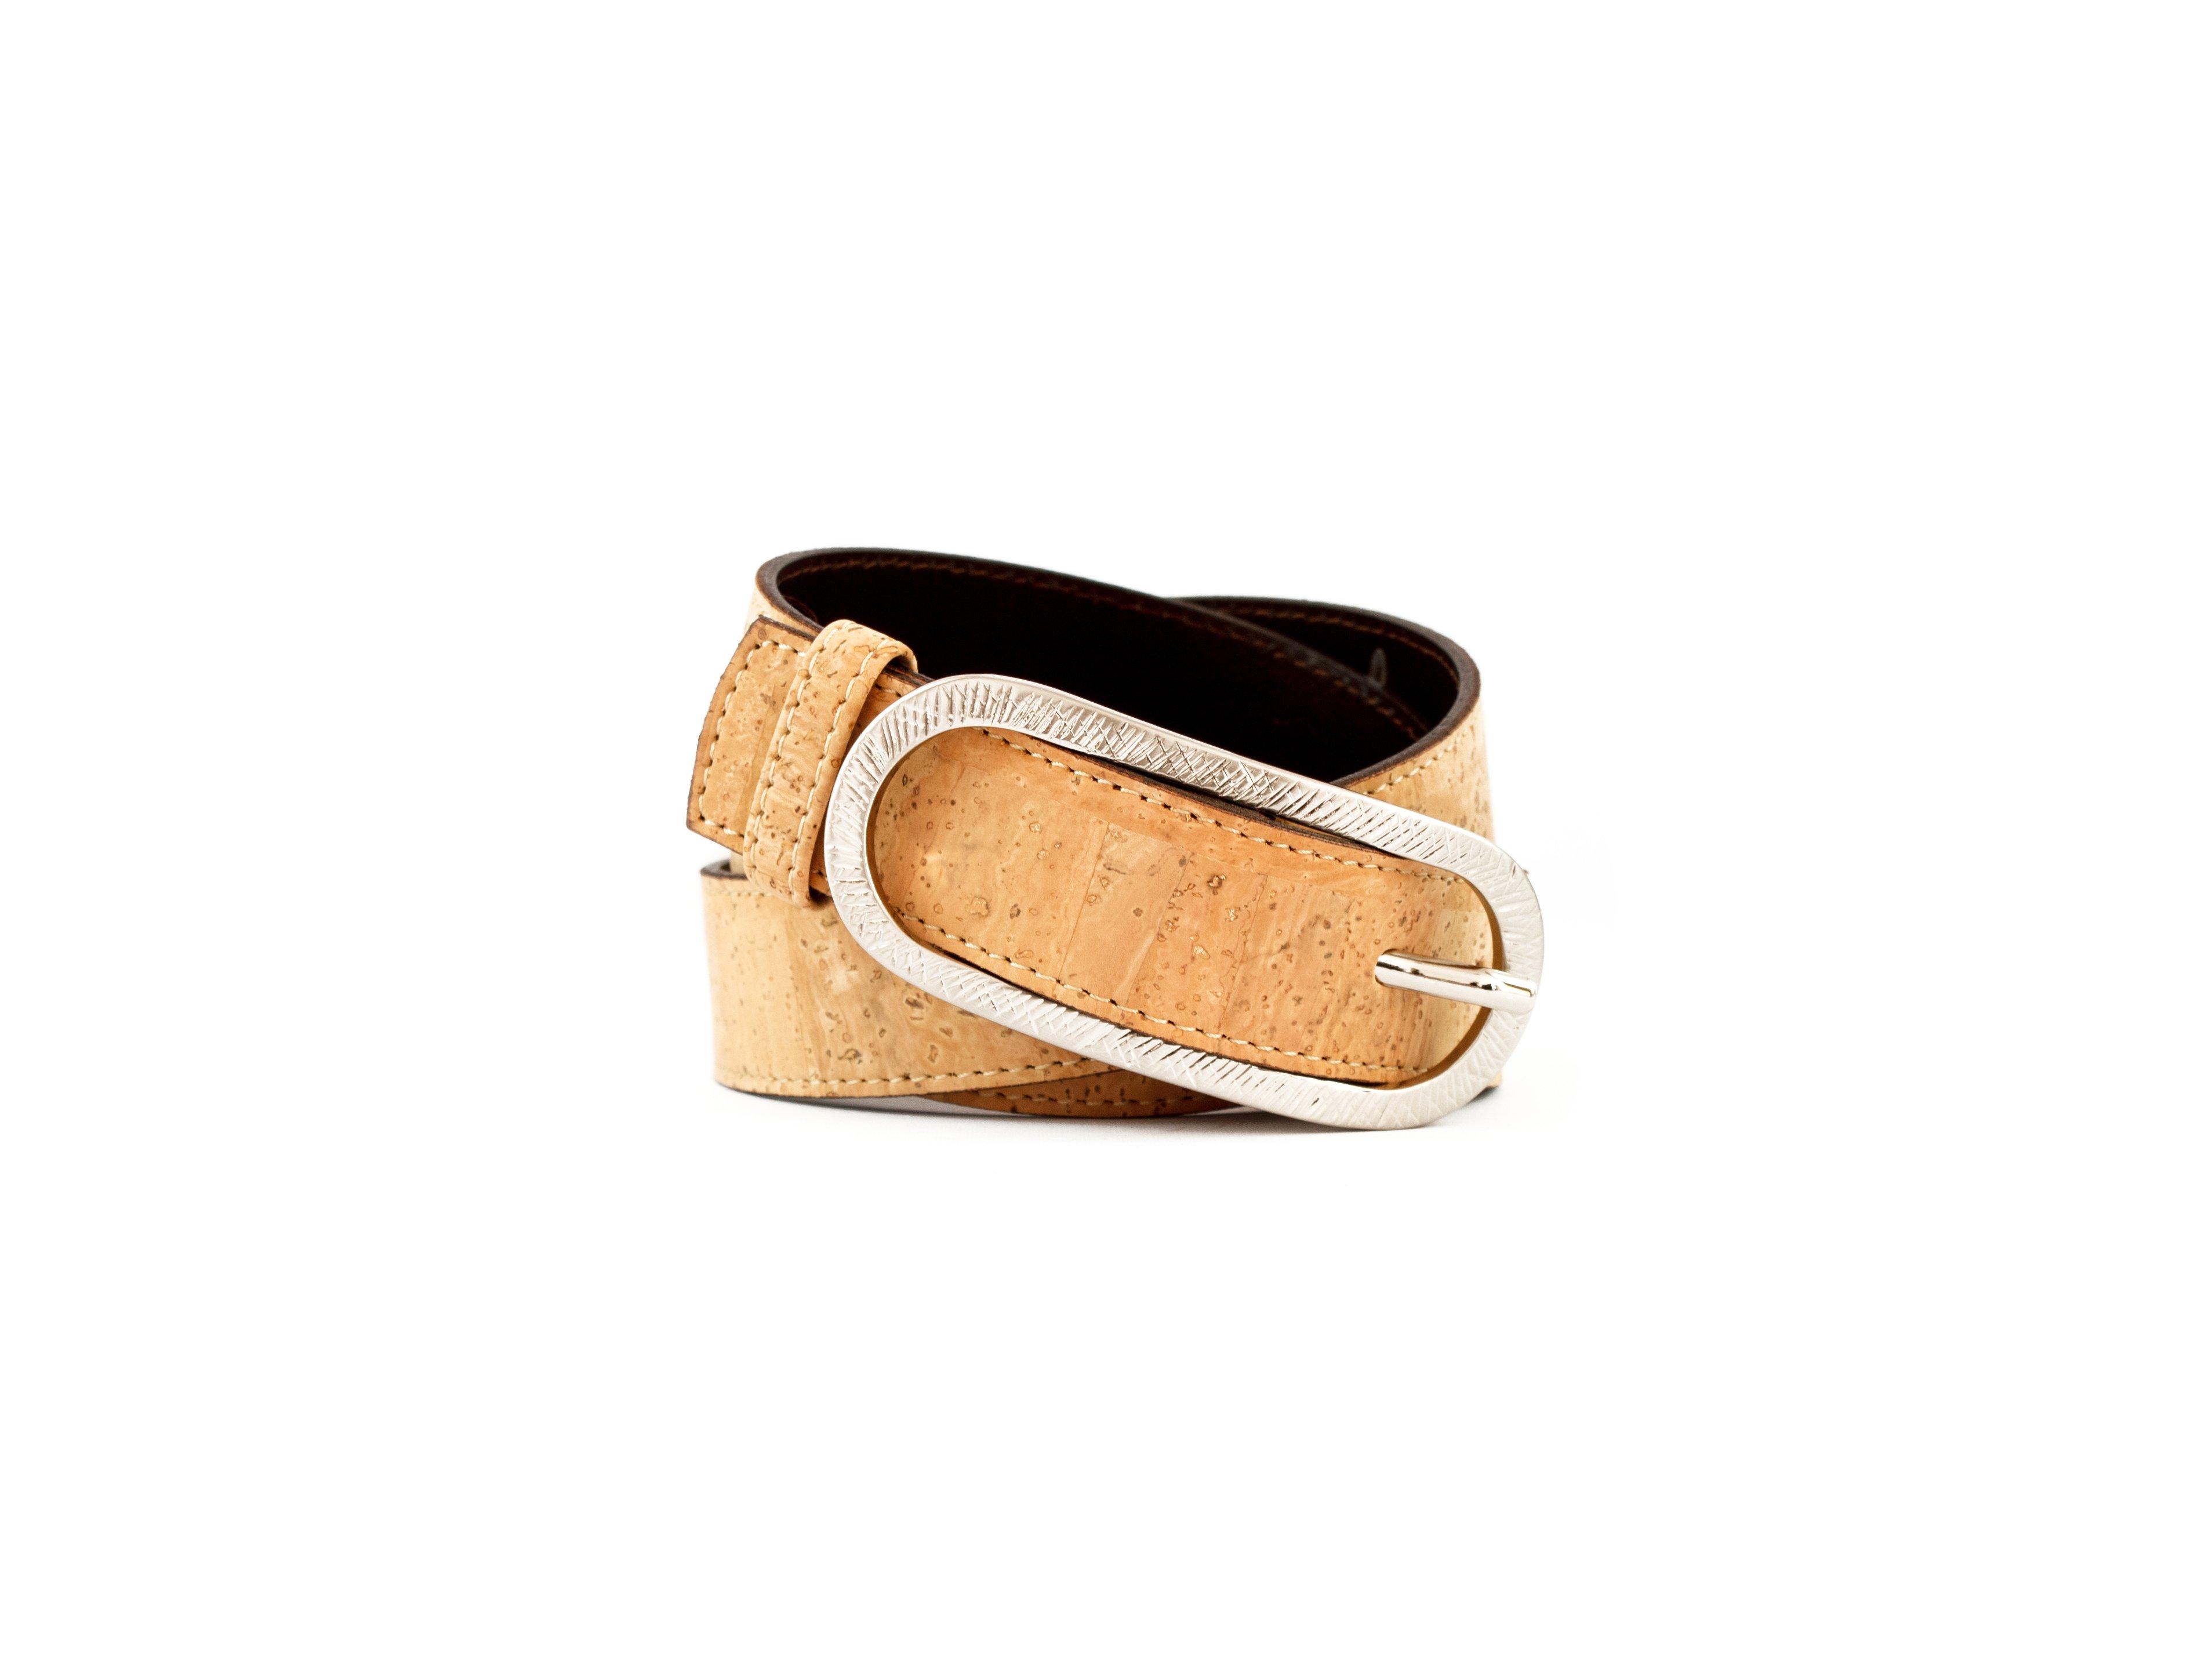 Buy cork belt women. Buy cork belt women in Spain. Buy cork belt women in Portugal. Buy cork belt women in the Canary Islands